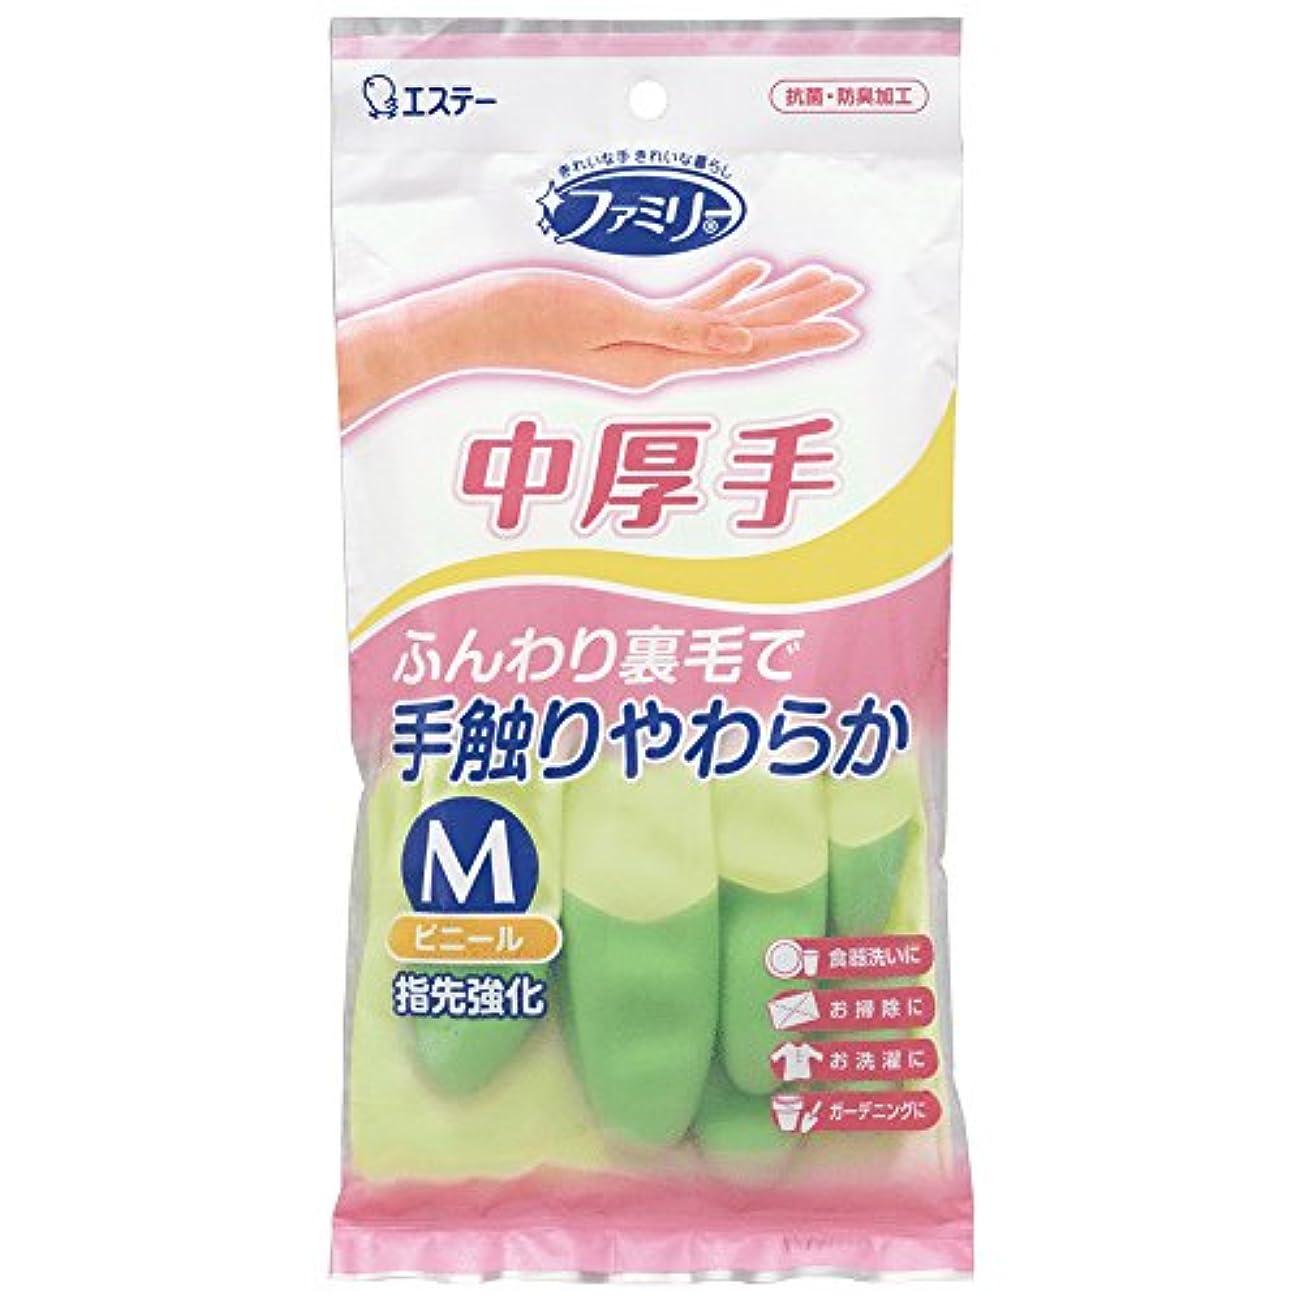 歌詞膨張する球体ファミリー ビニール 手袋 中厚手 指先強化 炊事?掃除用 Mサイズ グリーン